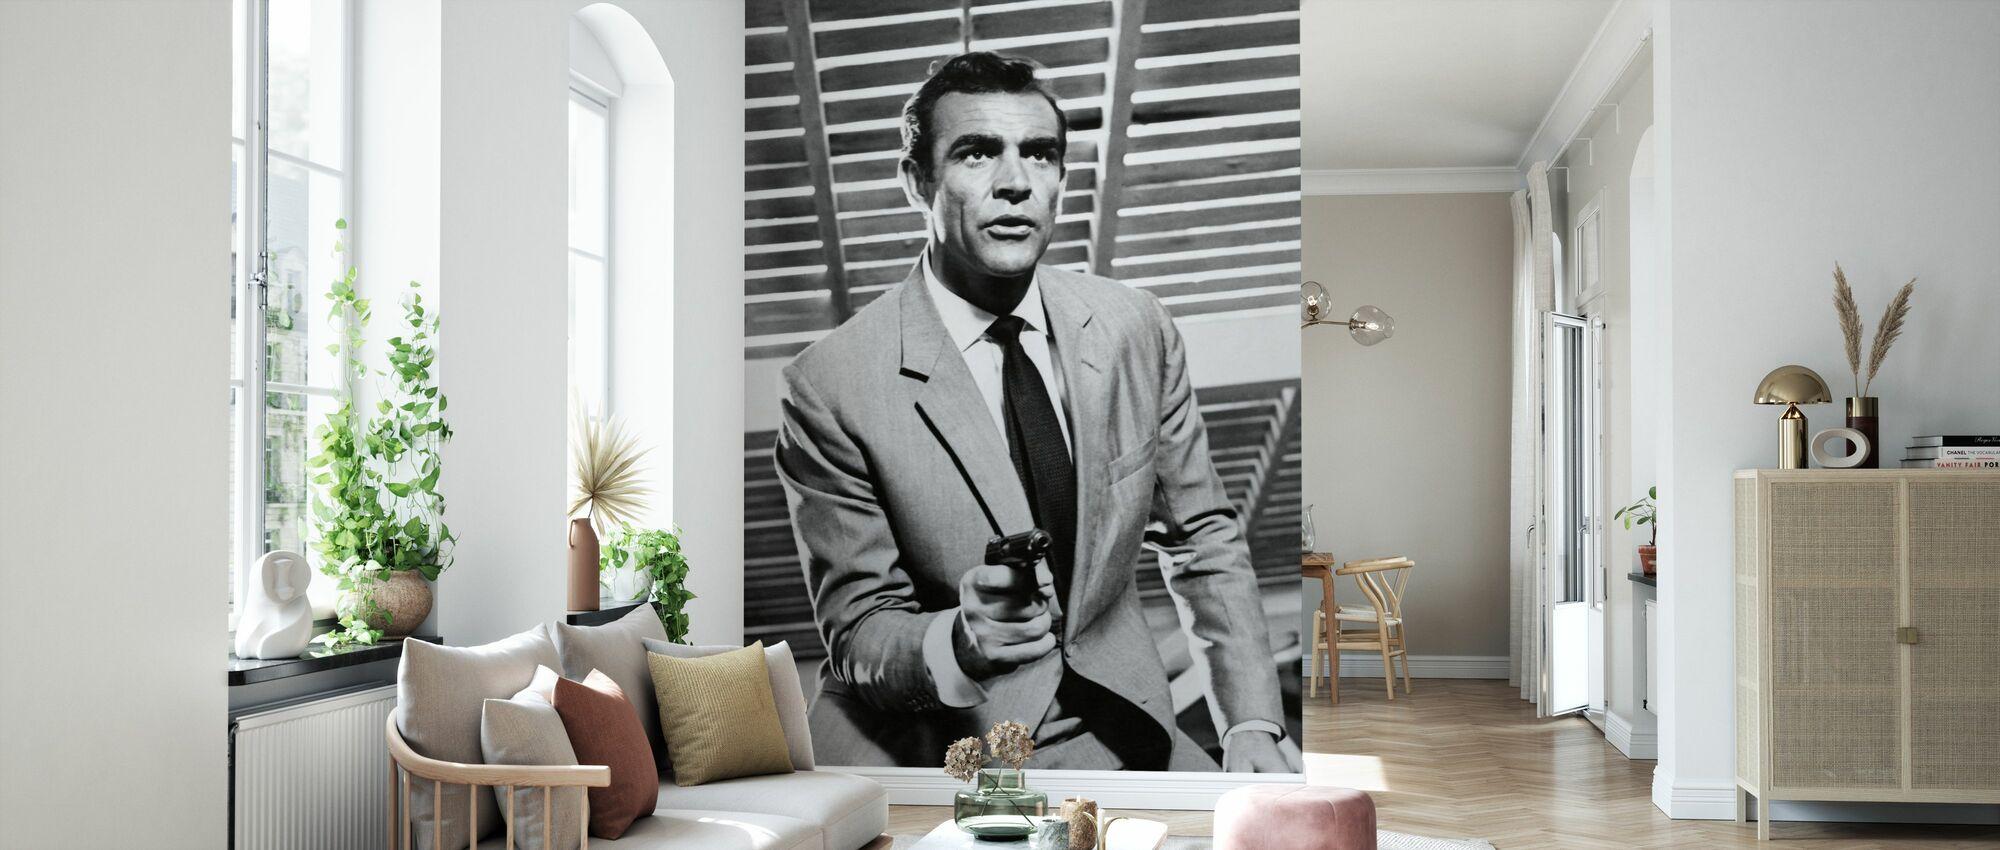 James Bond - Sean Connery - Tapete - Wohnzimmer